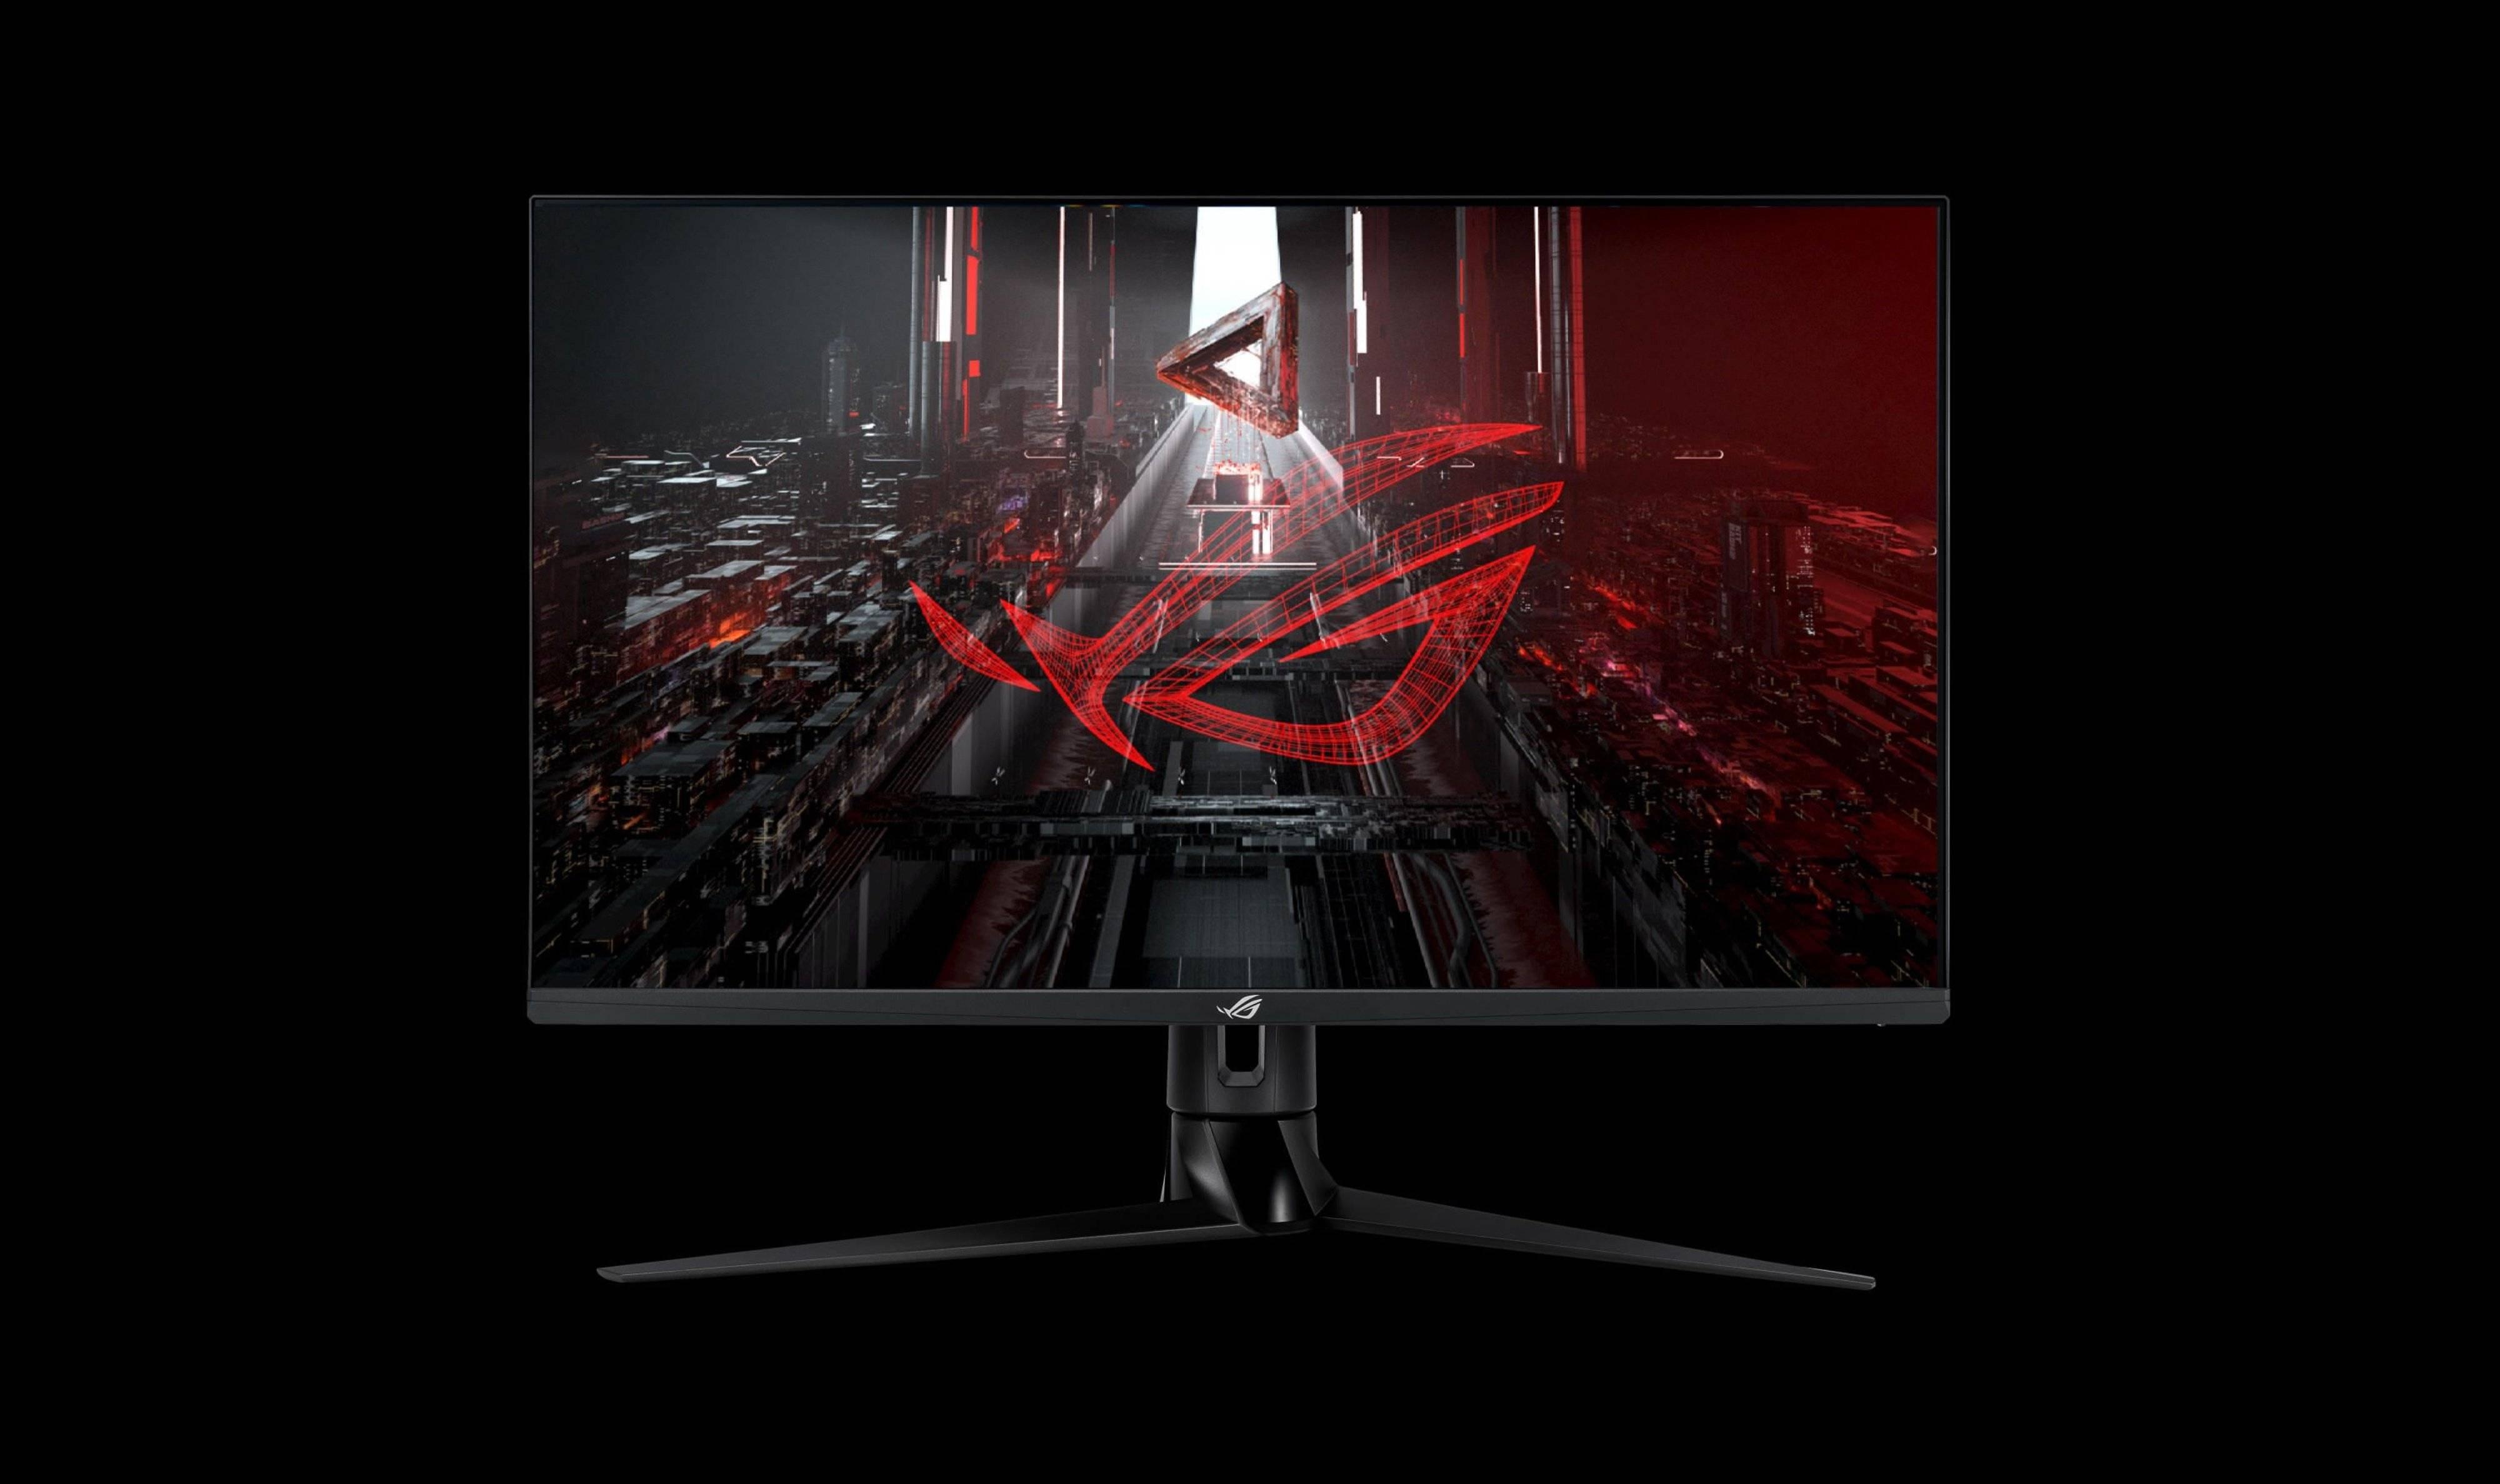 华硕发布全球首款支持HDMI 2.1的32英寸游戏显示器